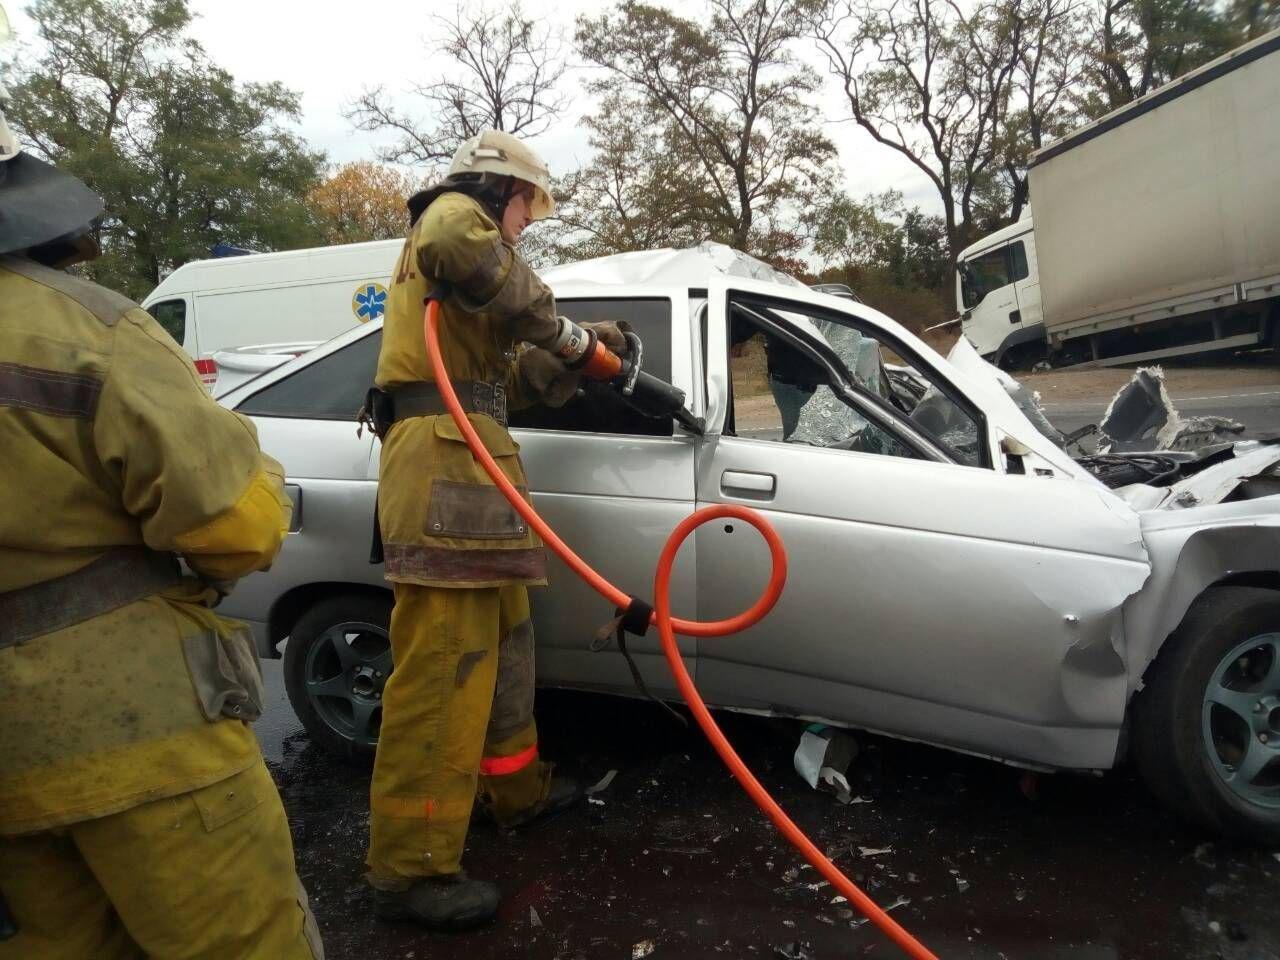 Спасатели прокомментировали смертельное ДТП под Мелитополем, - ФОТО, фото-3